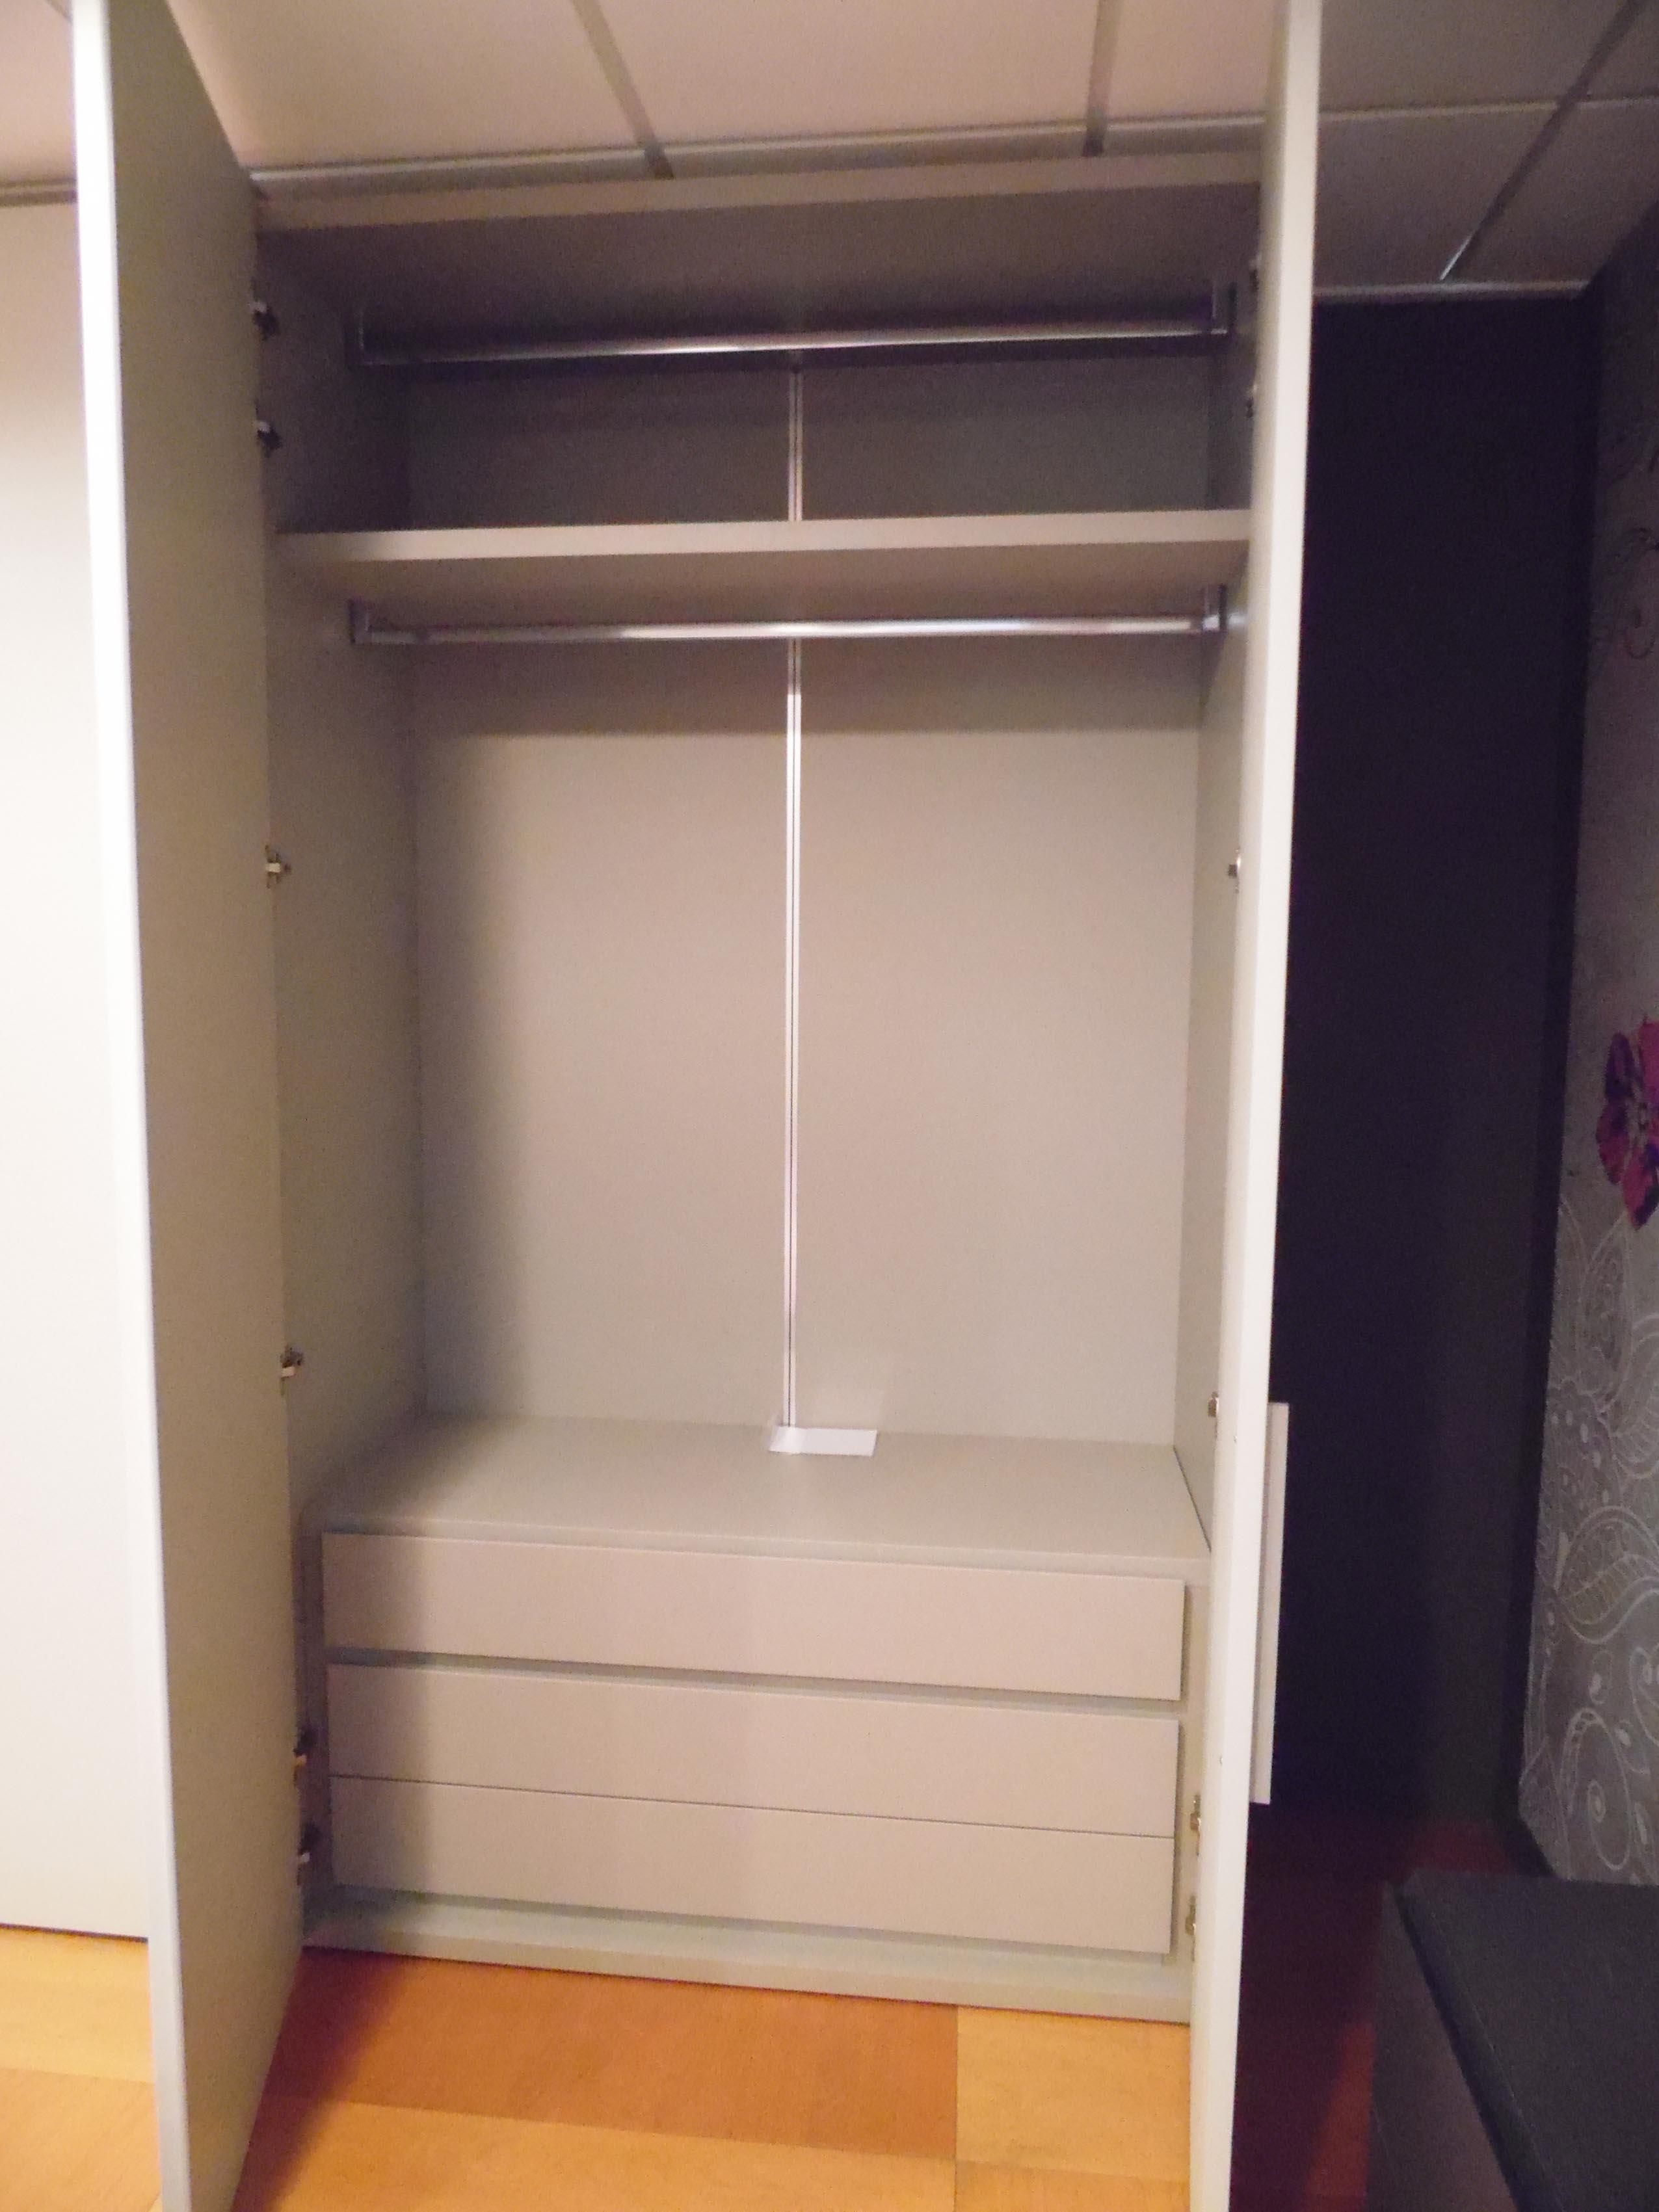 Camera pianca con armadio laccato poro aperto, letto filo xl e ...